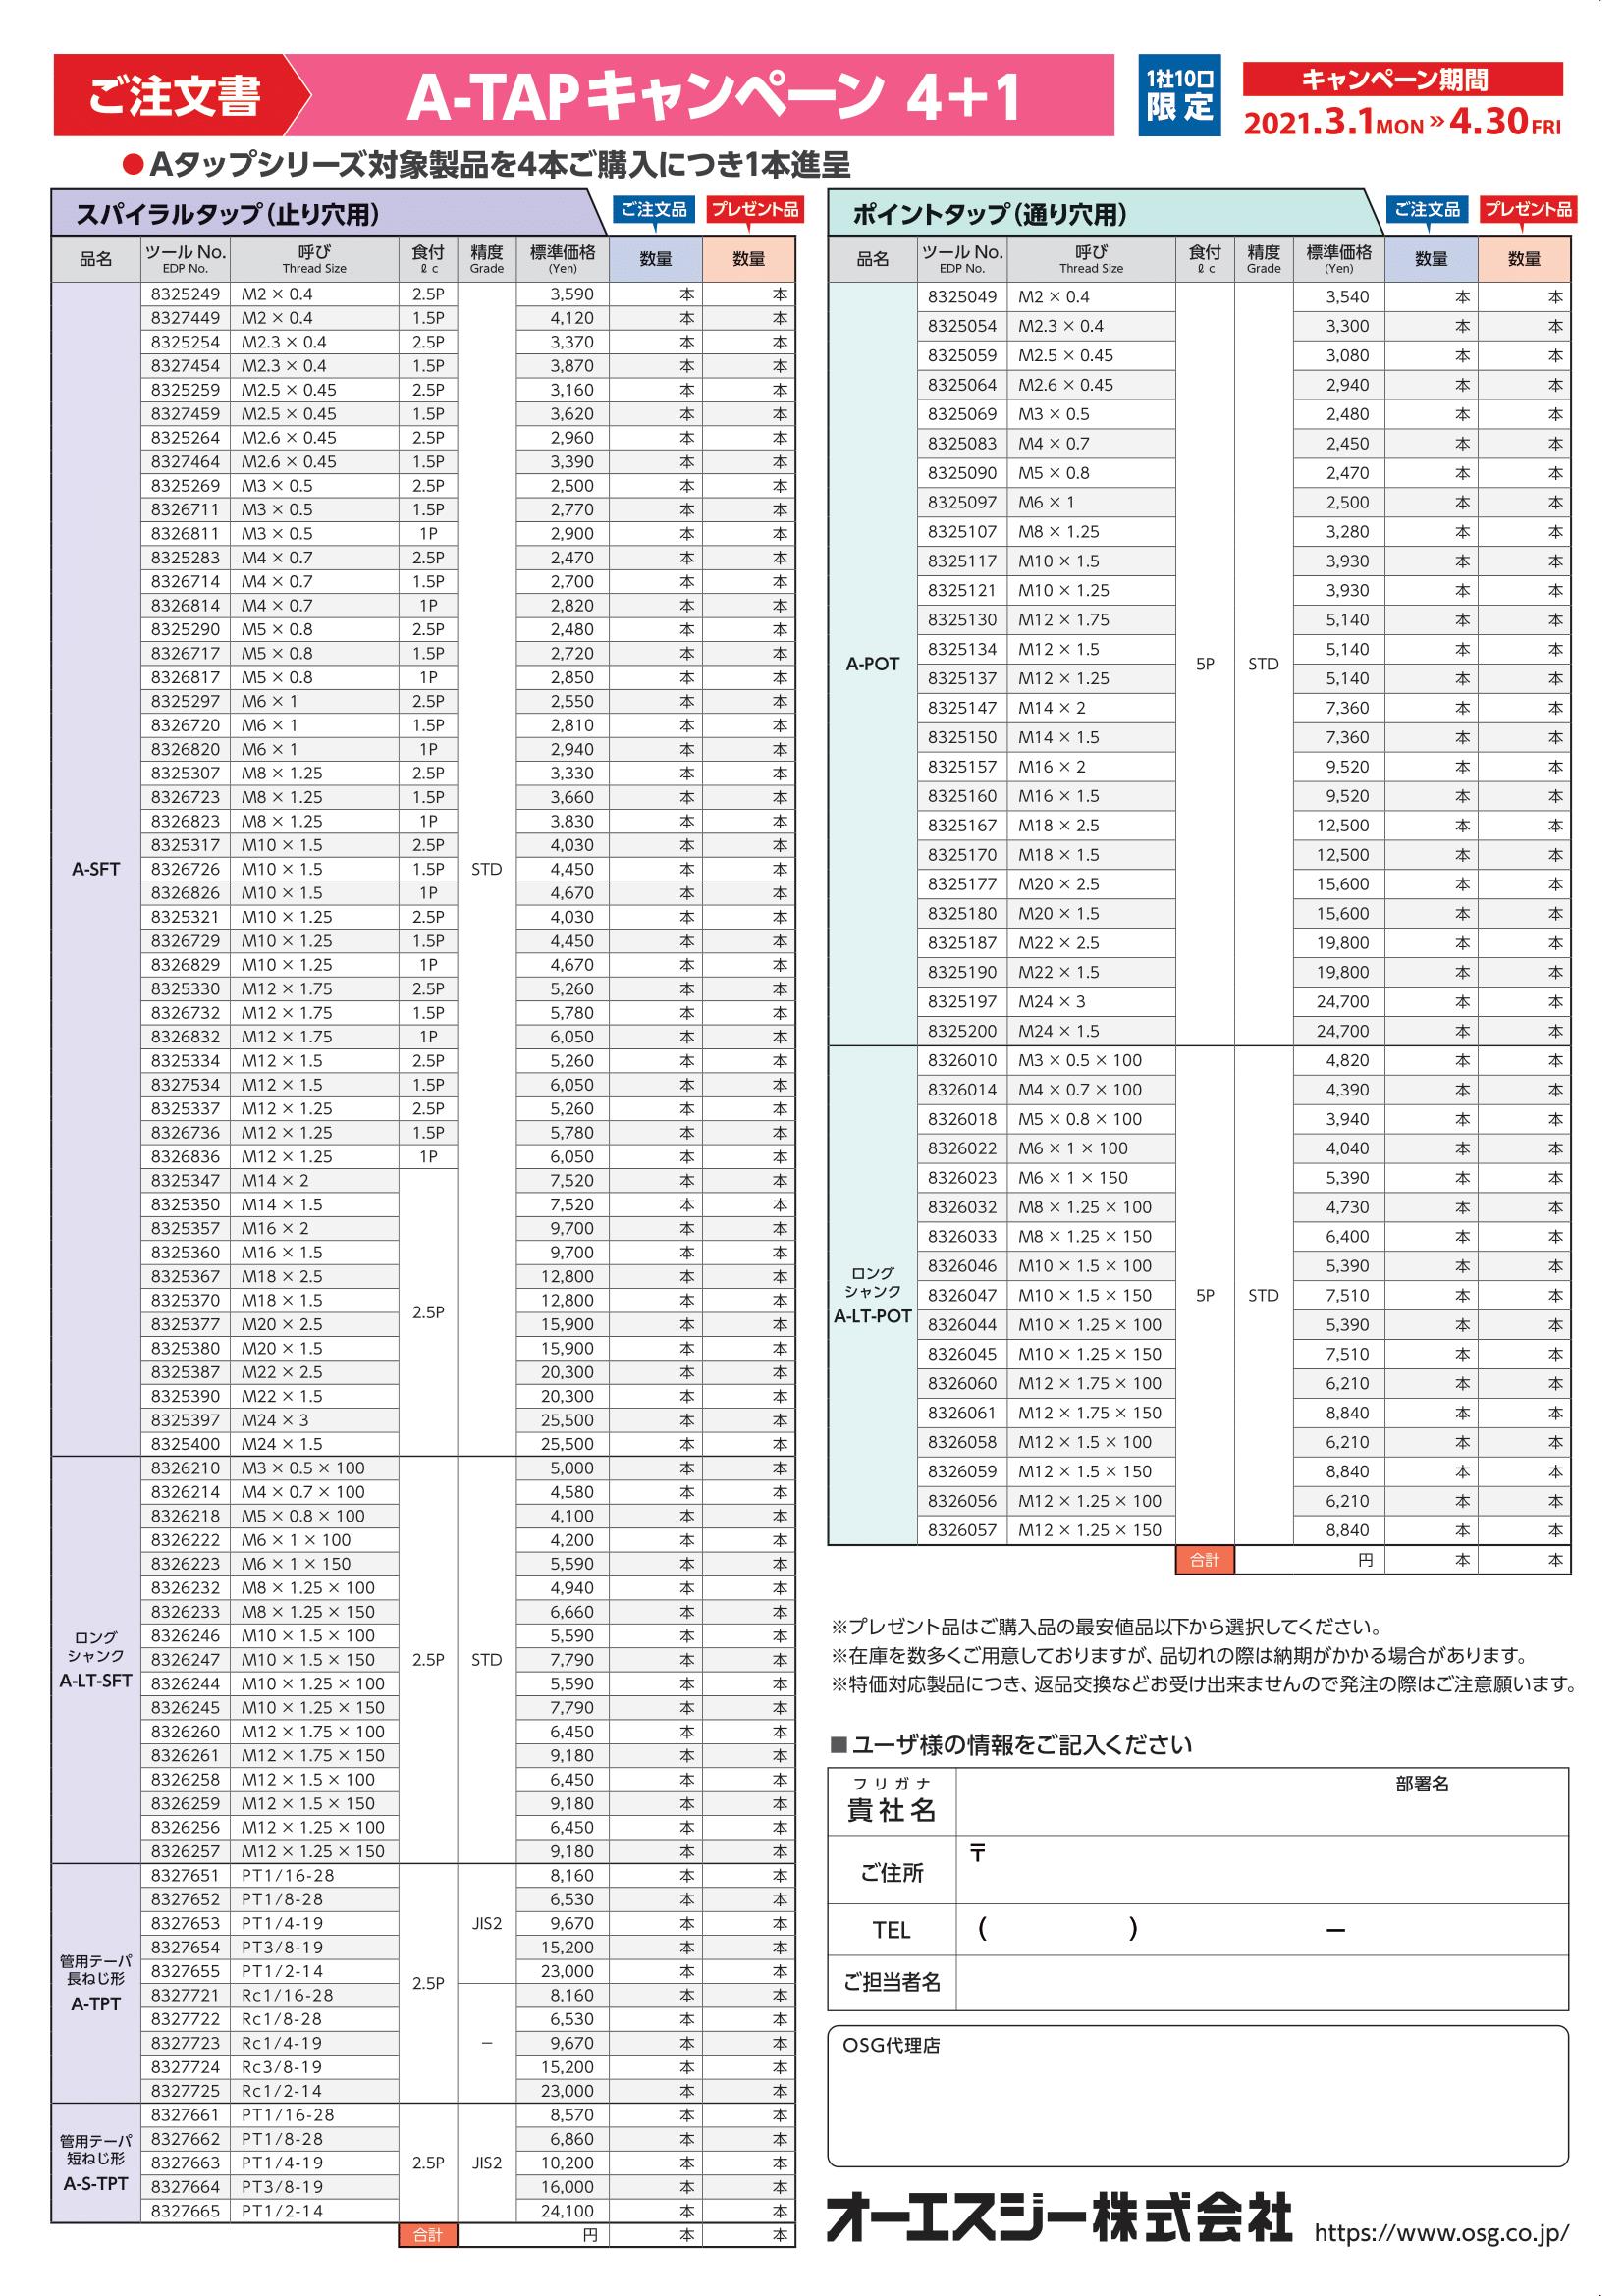 F-262_AAAフェスティバル_A-TAP_2